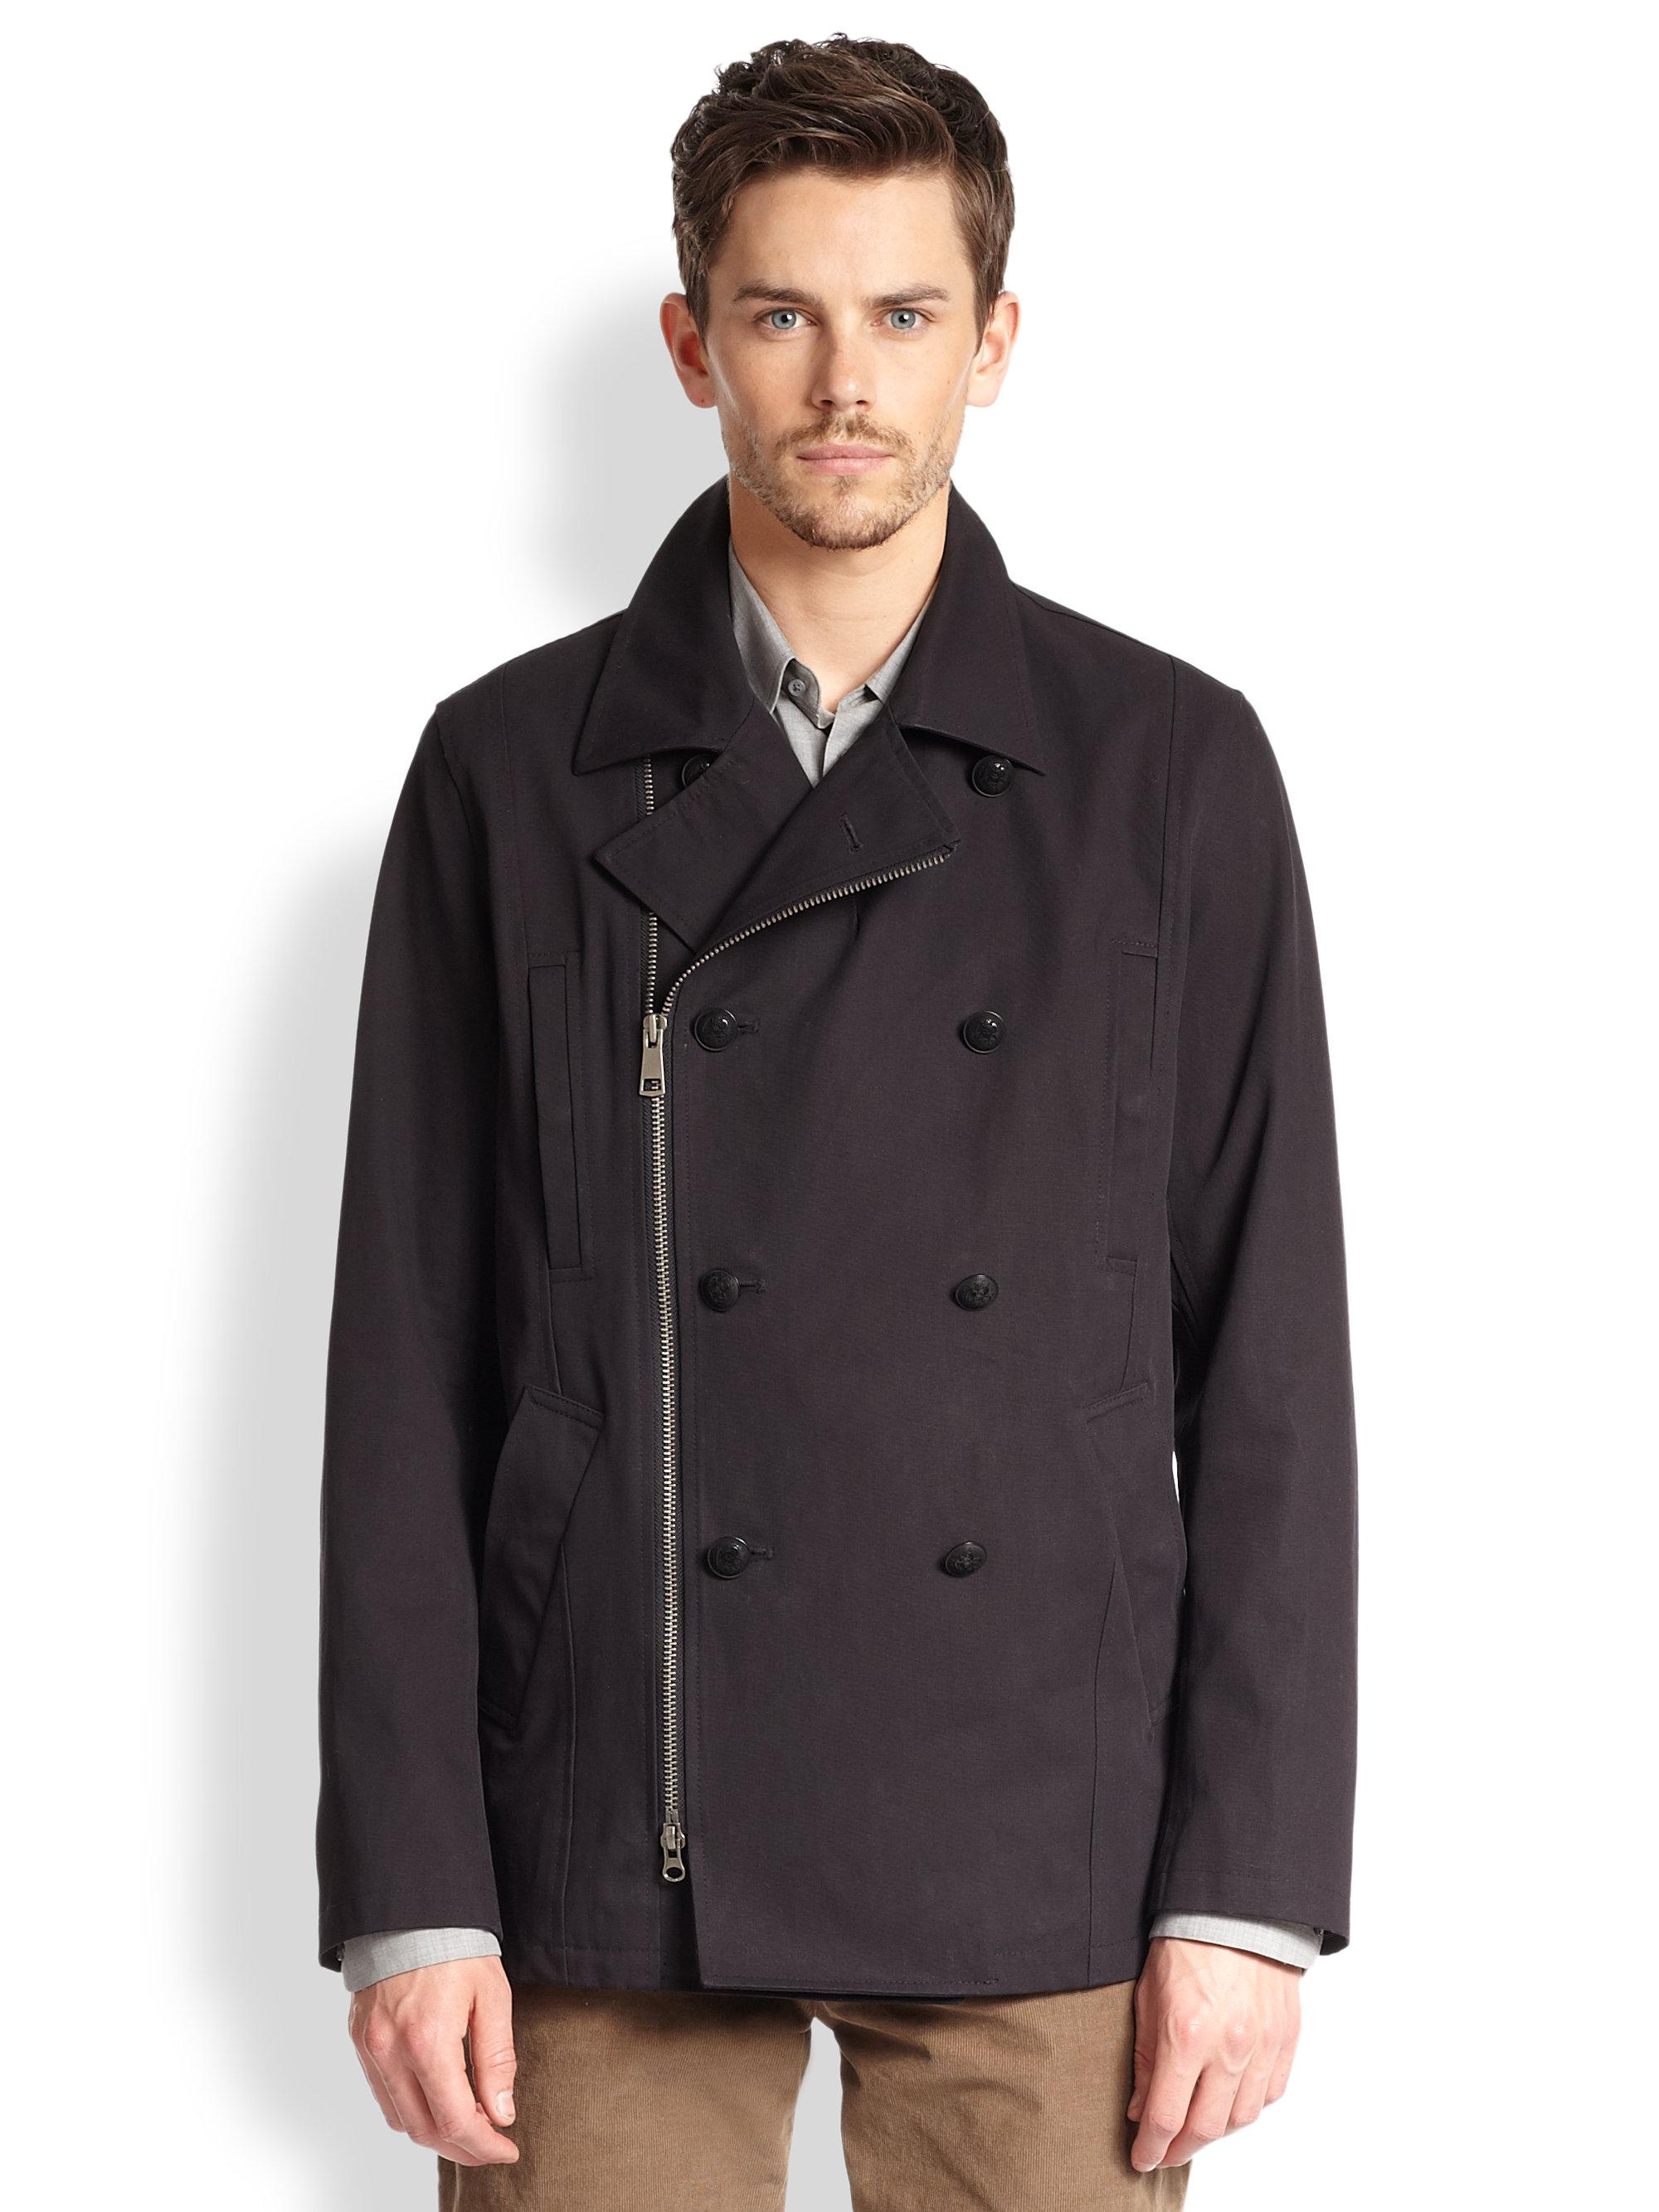 Pea Coat With Zipper - Sm Coats